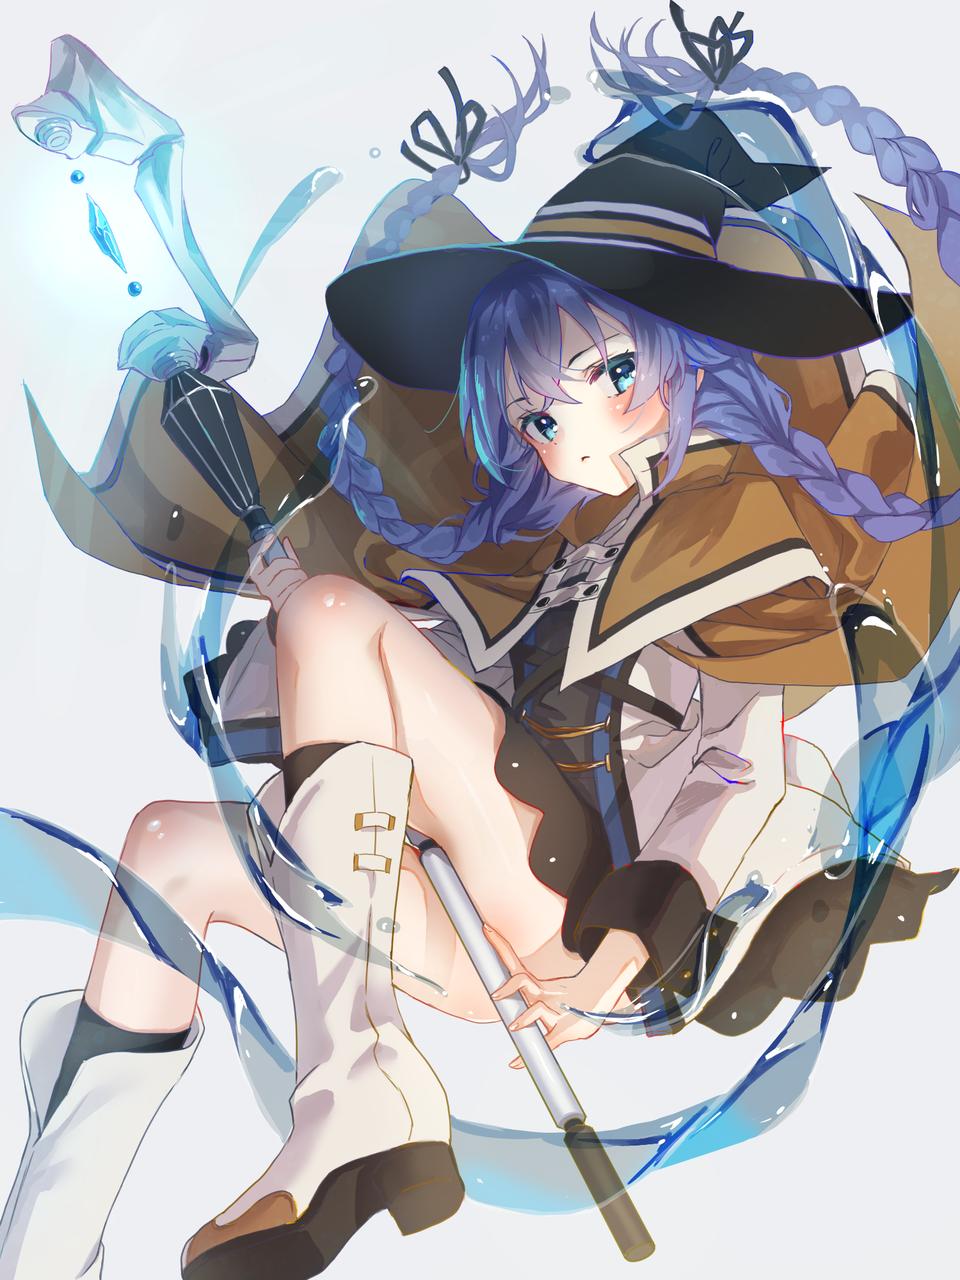 ロキシー Illust of なむ medibangpaint 魔法 water girl 無職転生